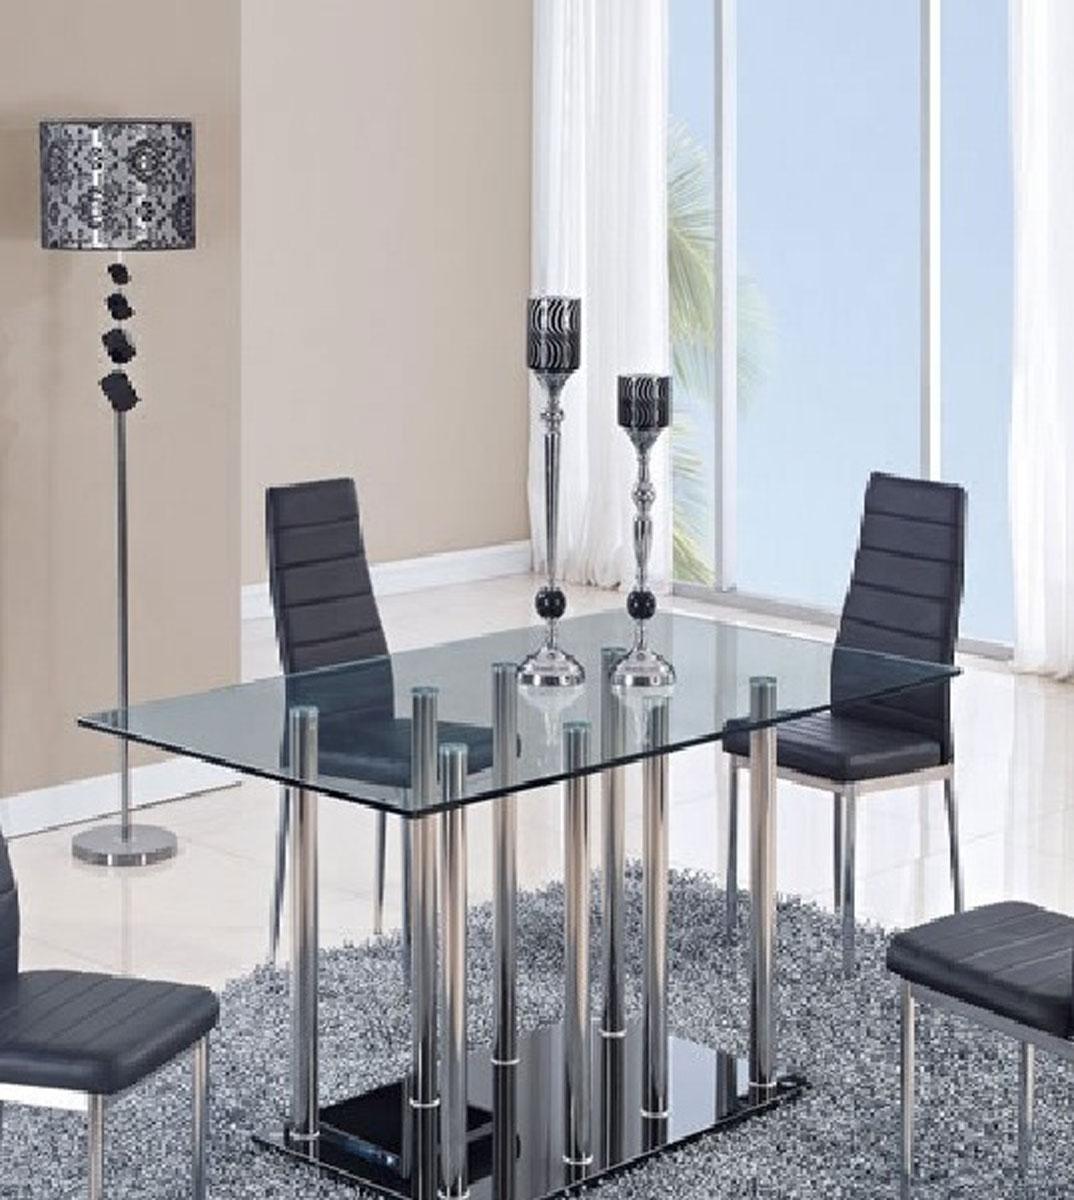 global furniture usa dt dining set  vinyl  blackmetal legs  - dt dining table  vinyl  blackmetal legs